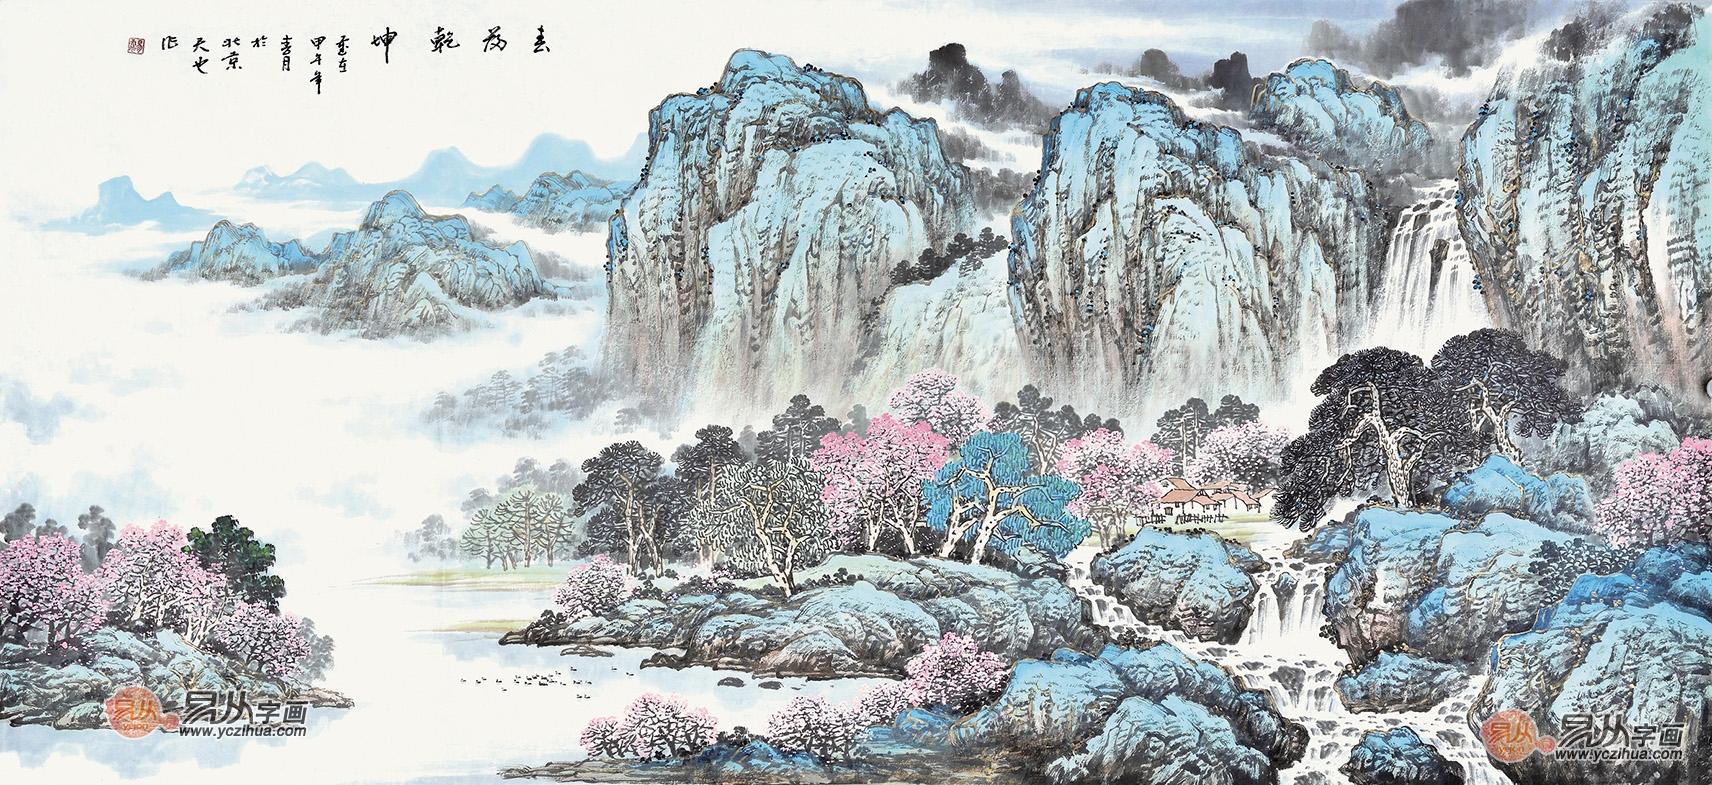 易天也六尺横幅山水画作品《春满乾坤》